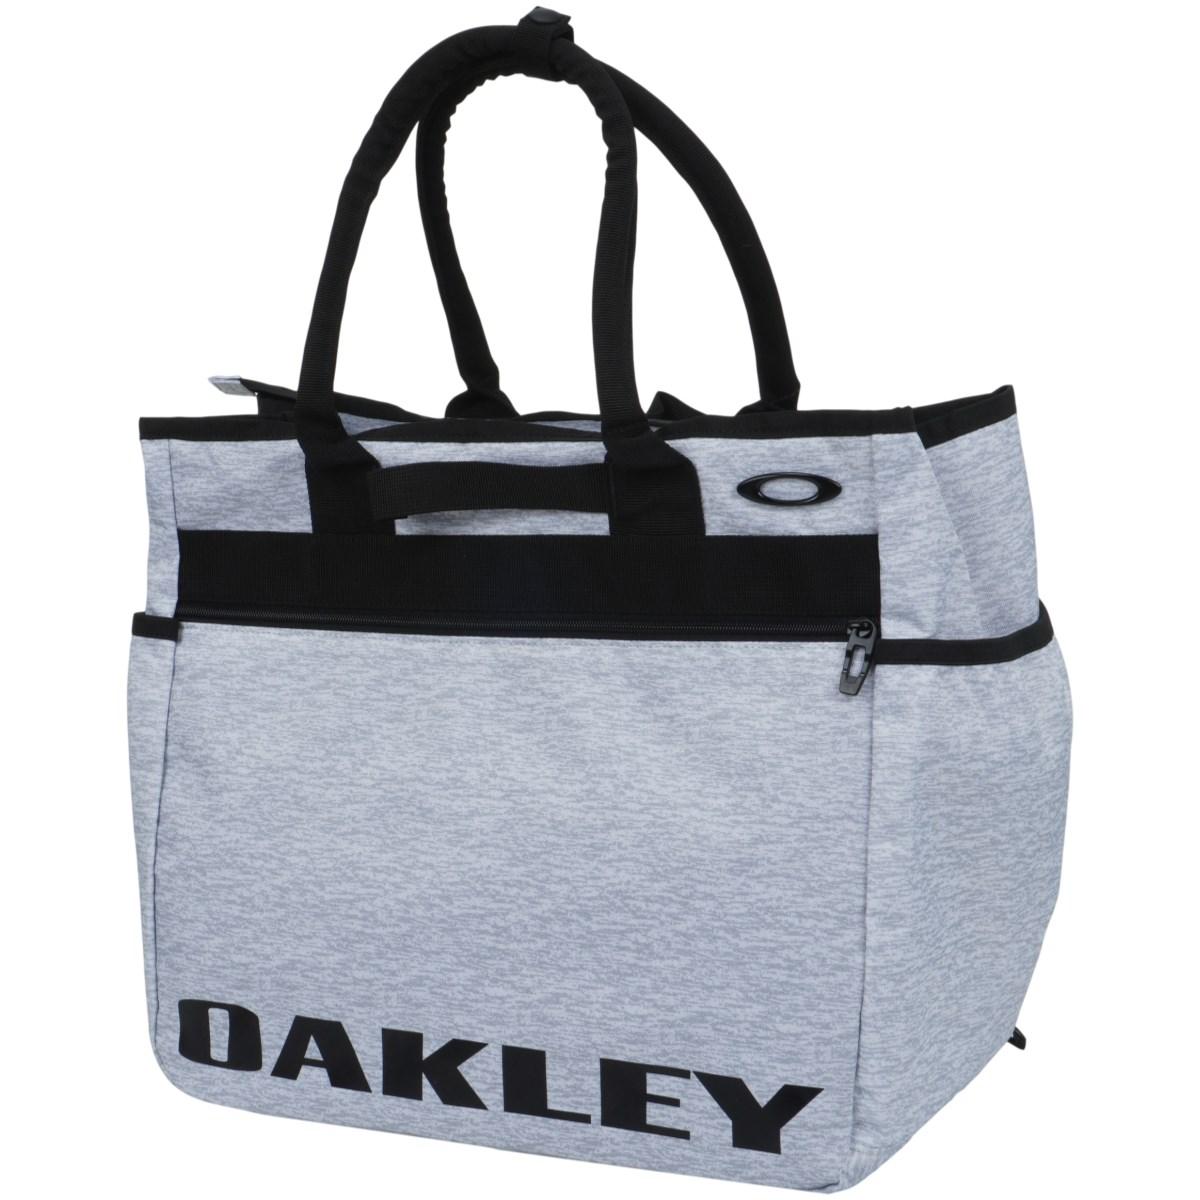 オークリー OAKLEY トートバッグ 15.0 ナチュラルヘザー